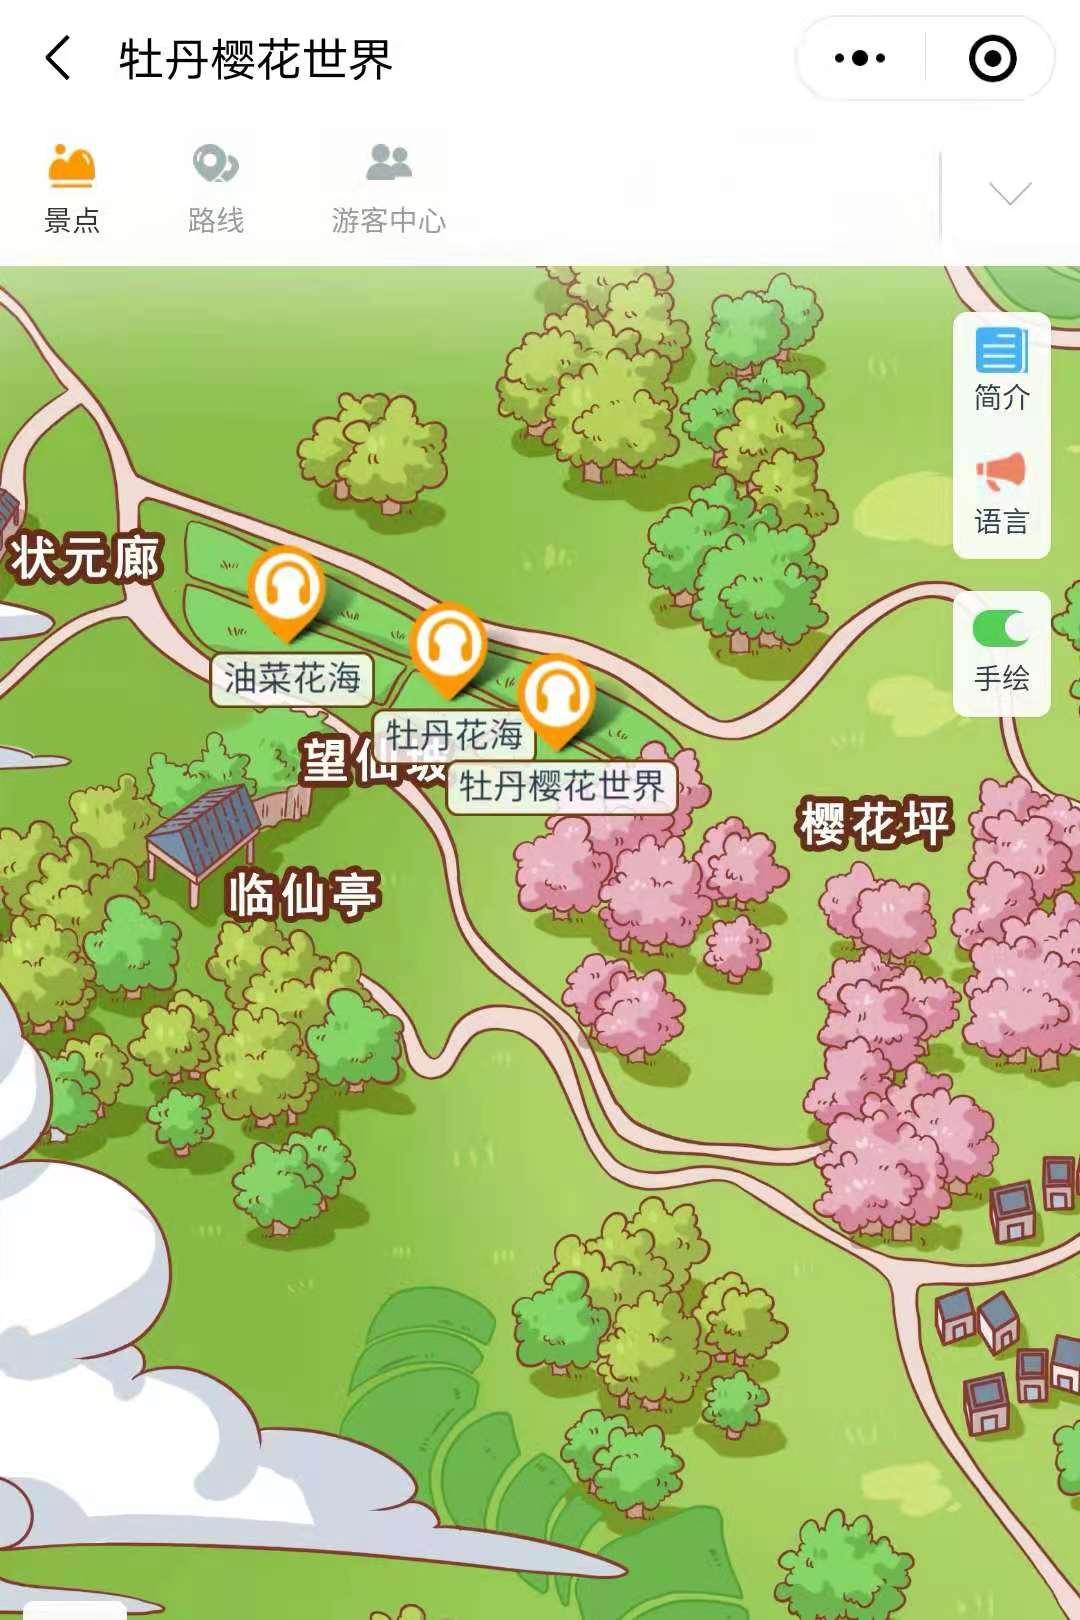 2021年国家4A景区牡丹樱花世界手绘地图,电子导览,语音讲解系统上线.jpg